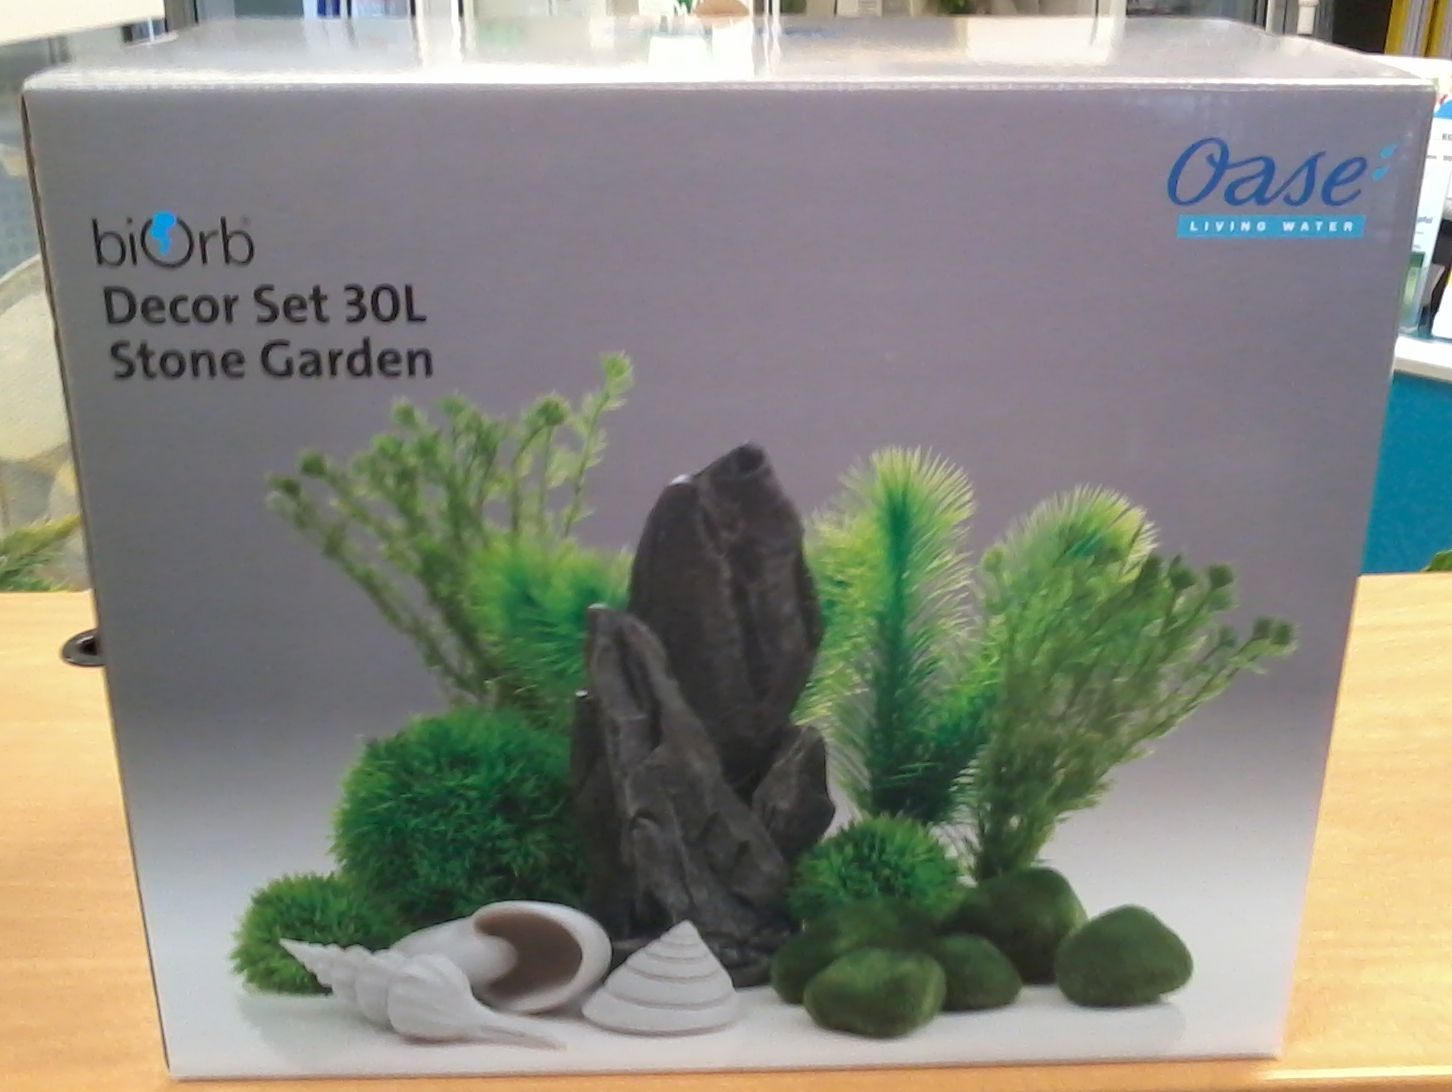 Oase biOrb DecorSet 30 Liter - stone garden